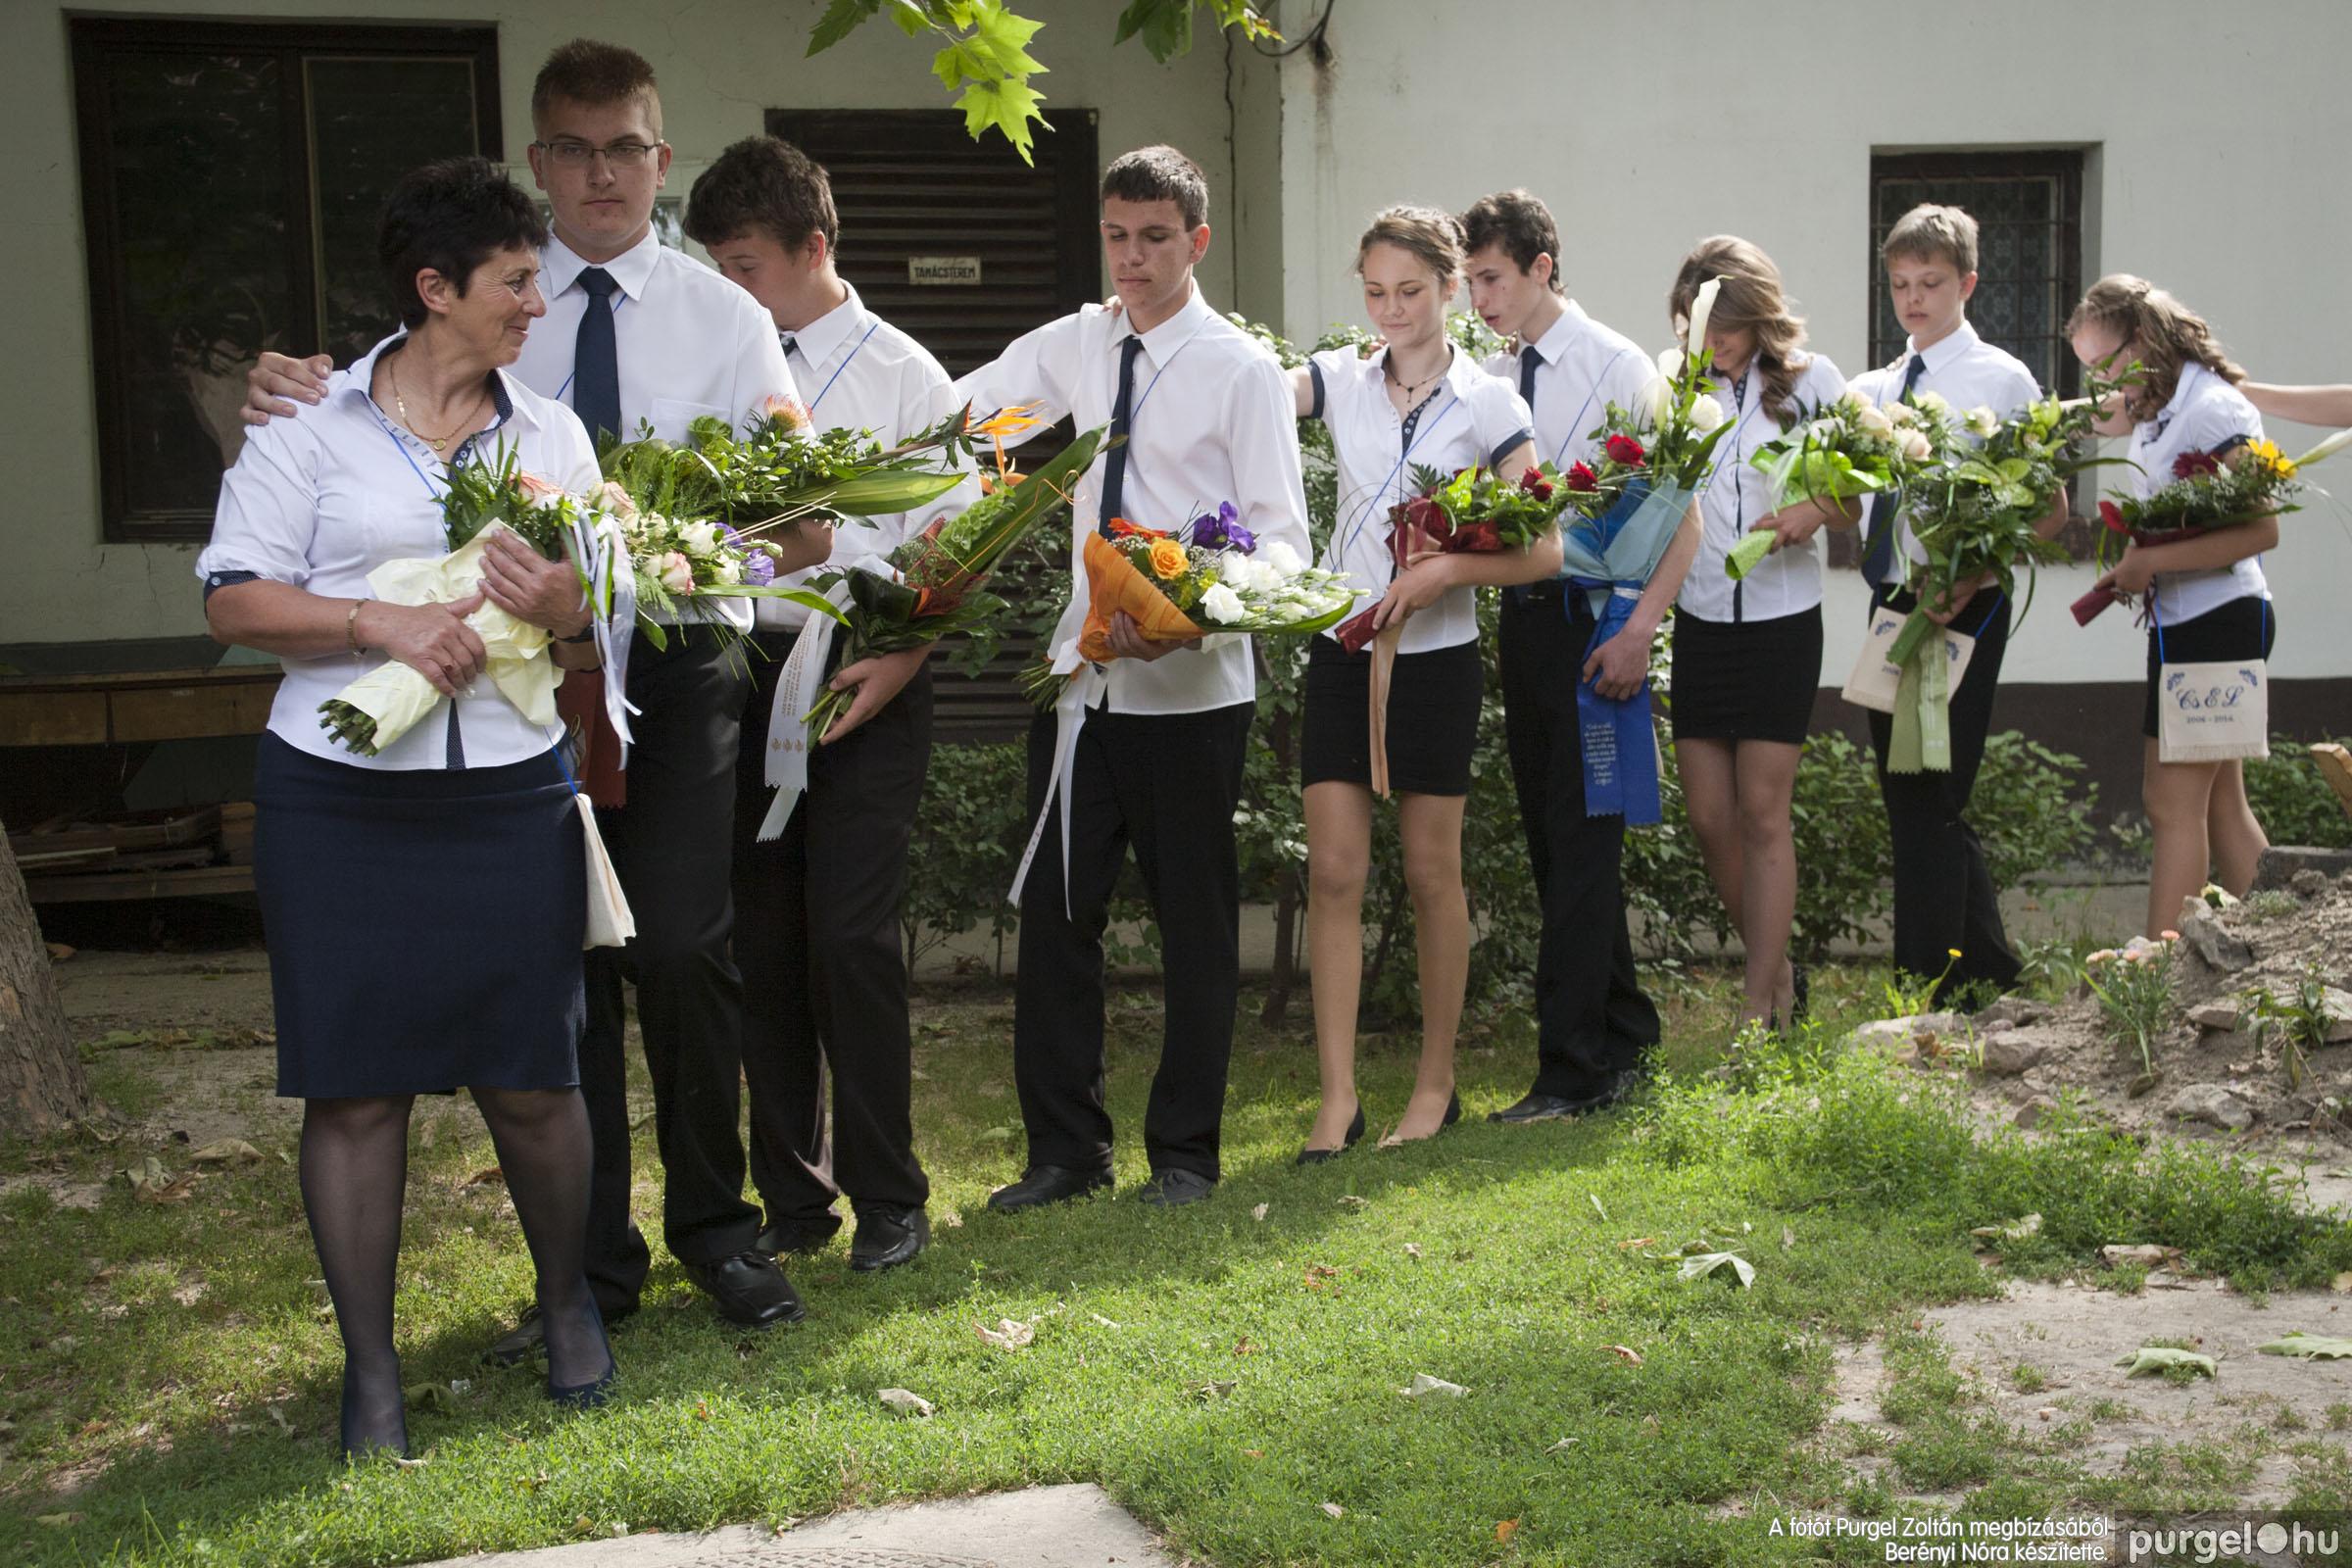 2014.06.14. 103 Forray Máté Általános Iskola ballagás 2014. - Fotó:BERÉNYI NÓRA© _MG_5676.jpg